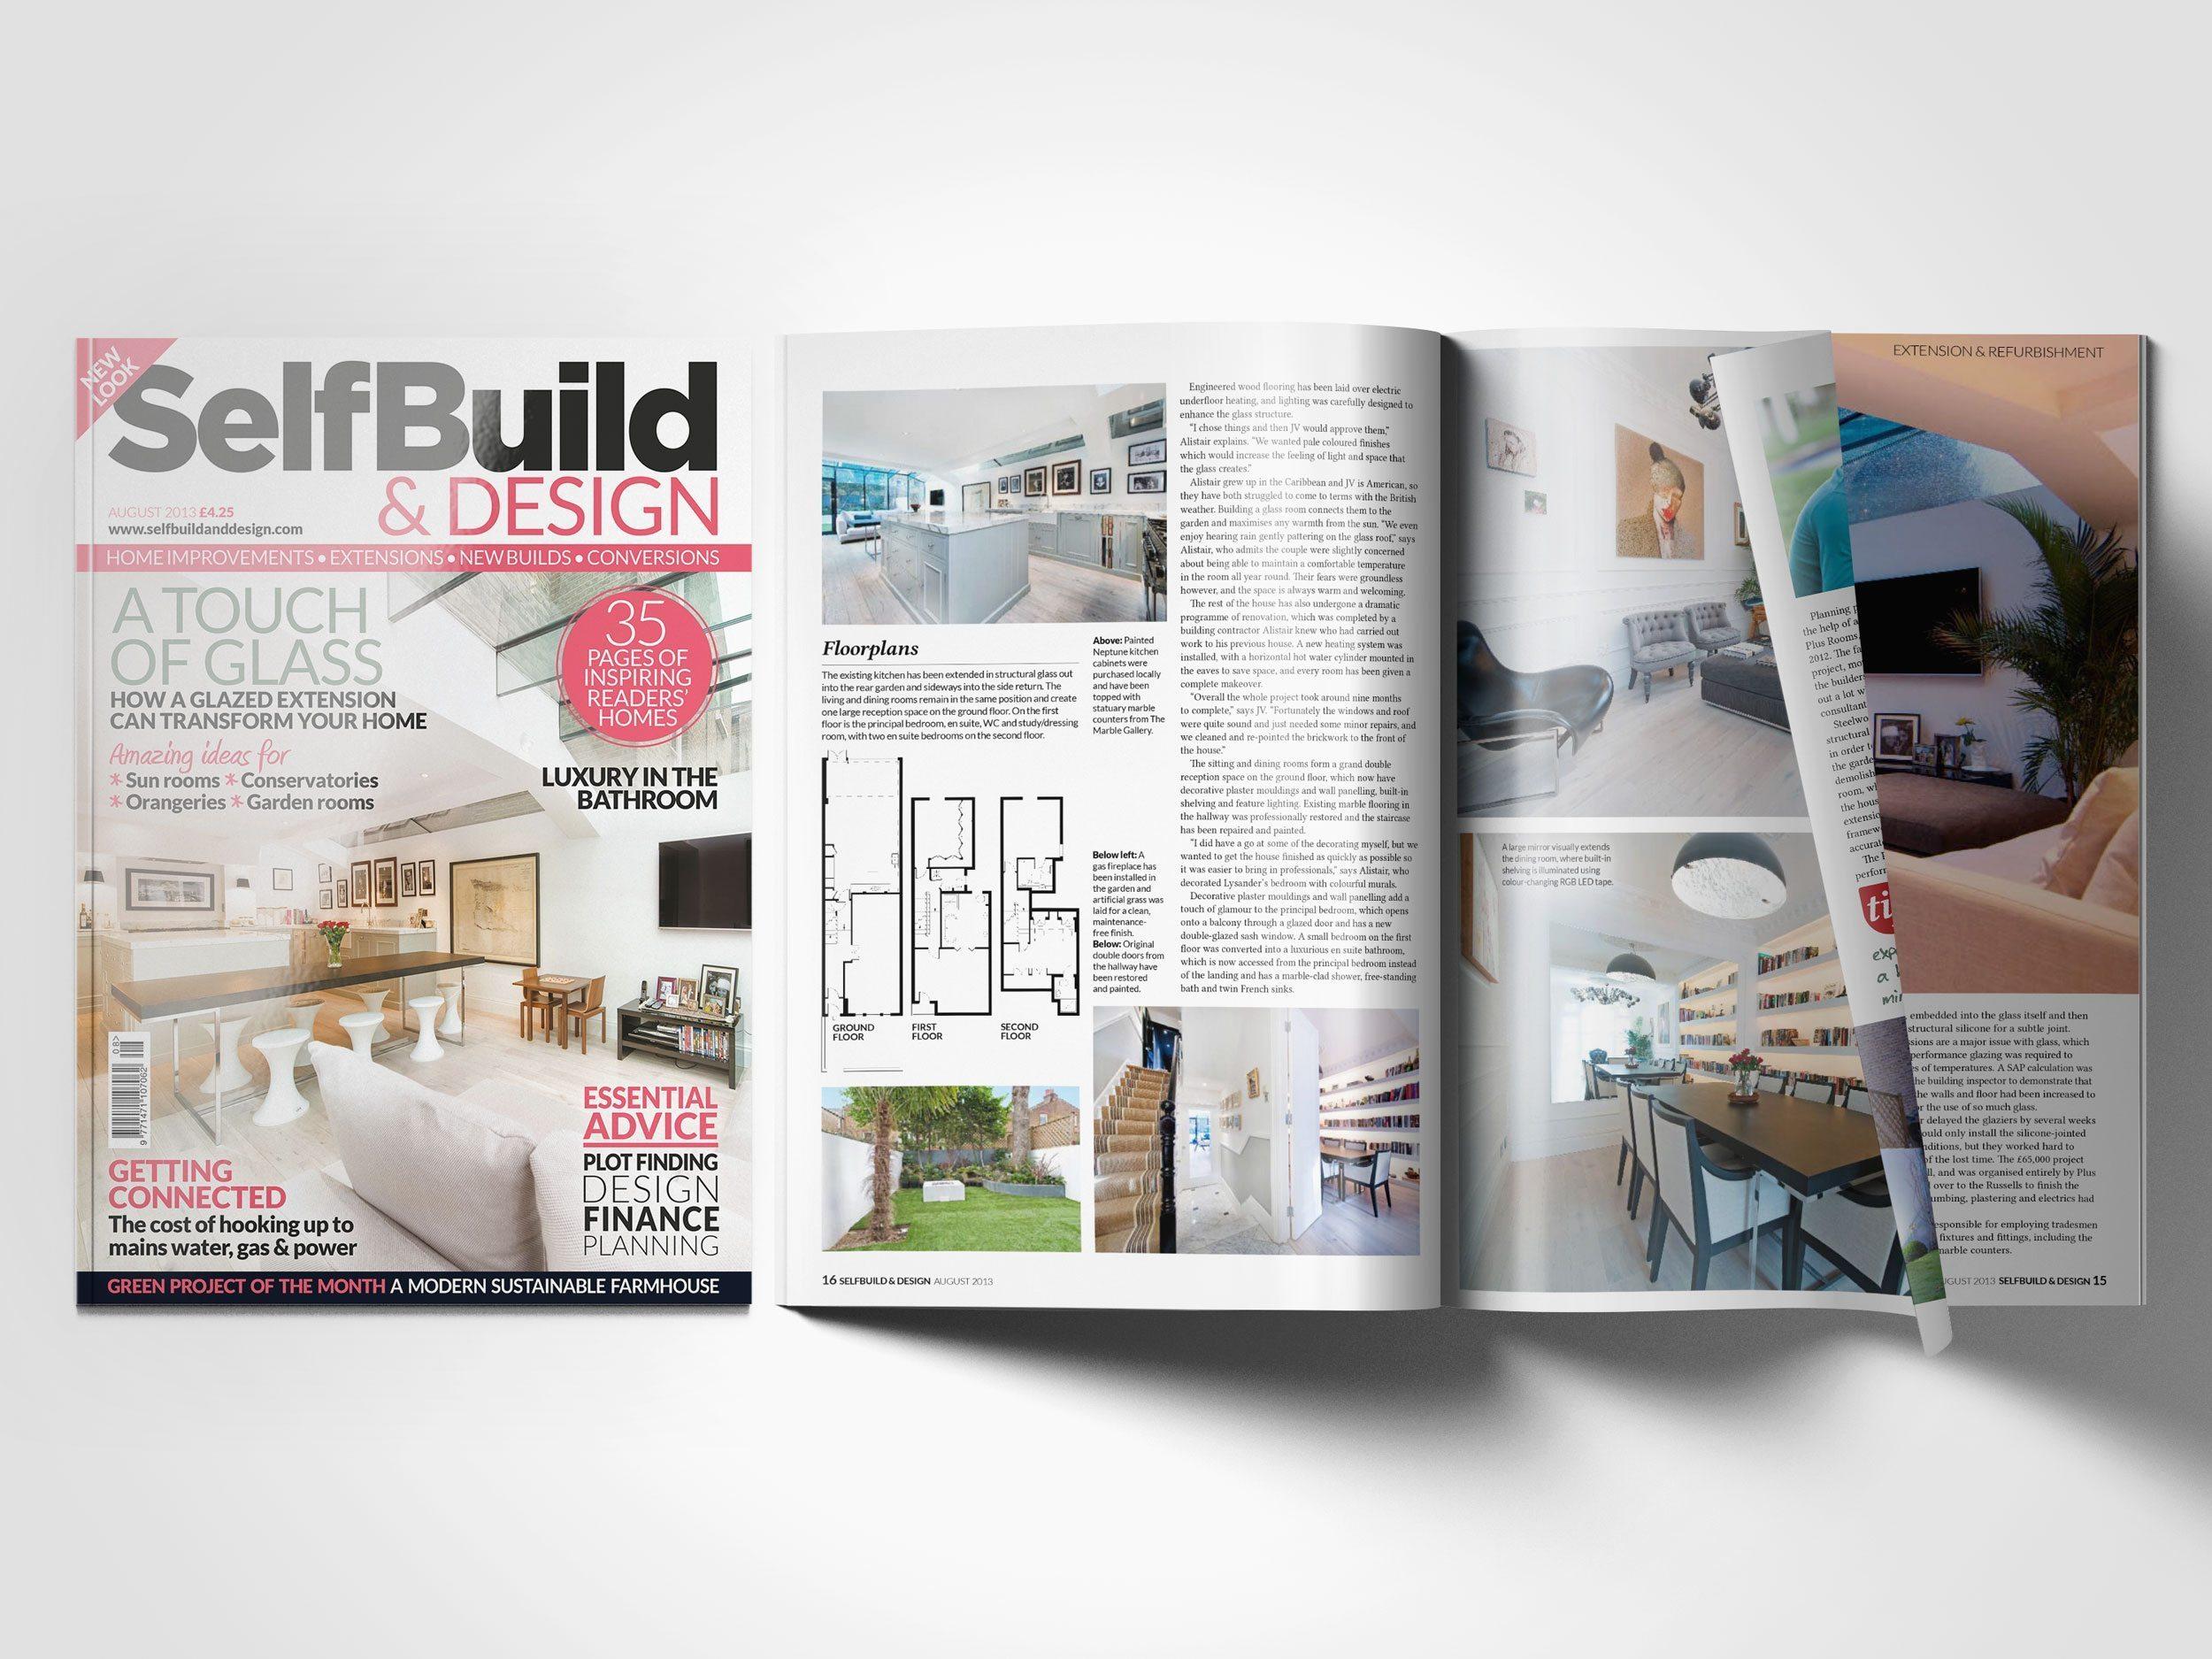 Self Build & Design August 2013